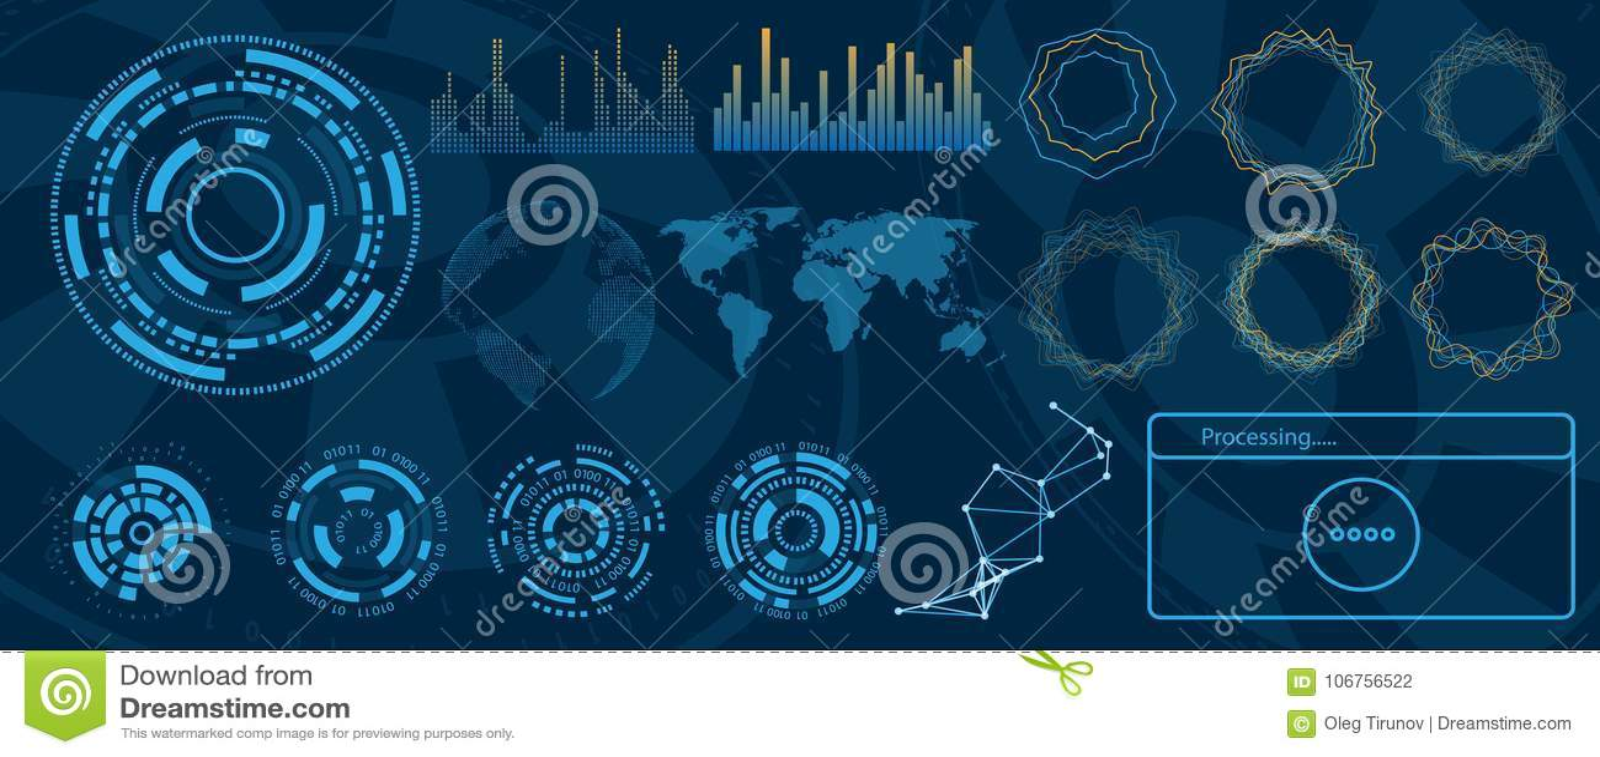 Futuristische Schnittstelle Hud Design, Infographic-Elemente, Technologie und Wissenschaft, Analyse-Thema